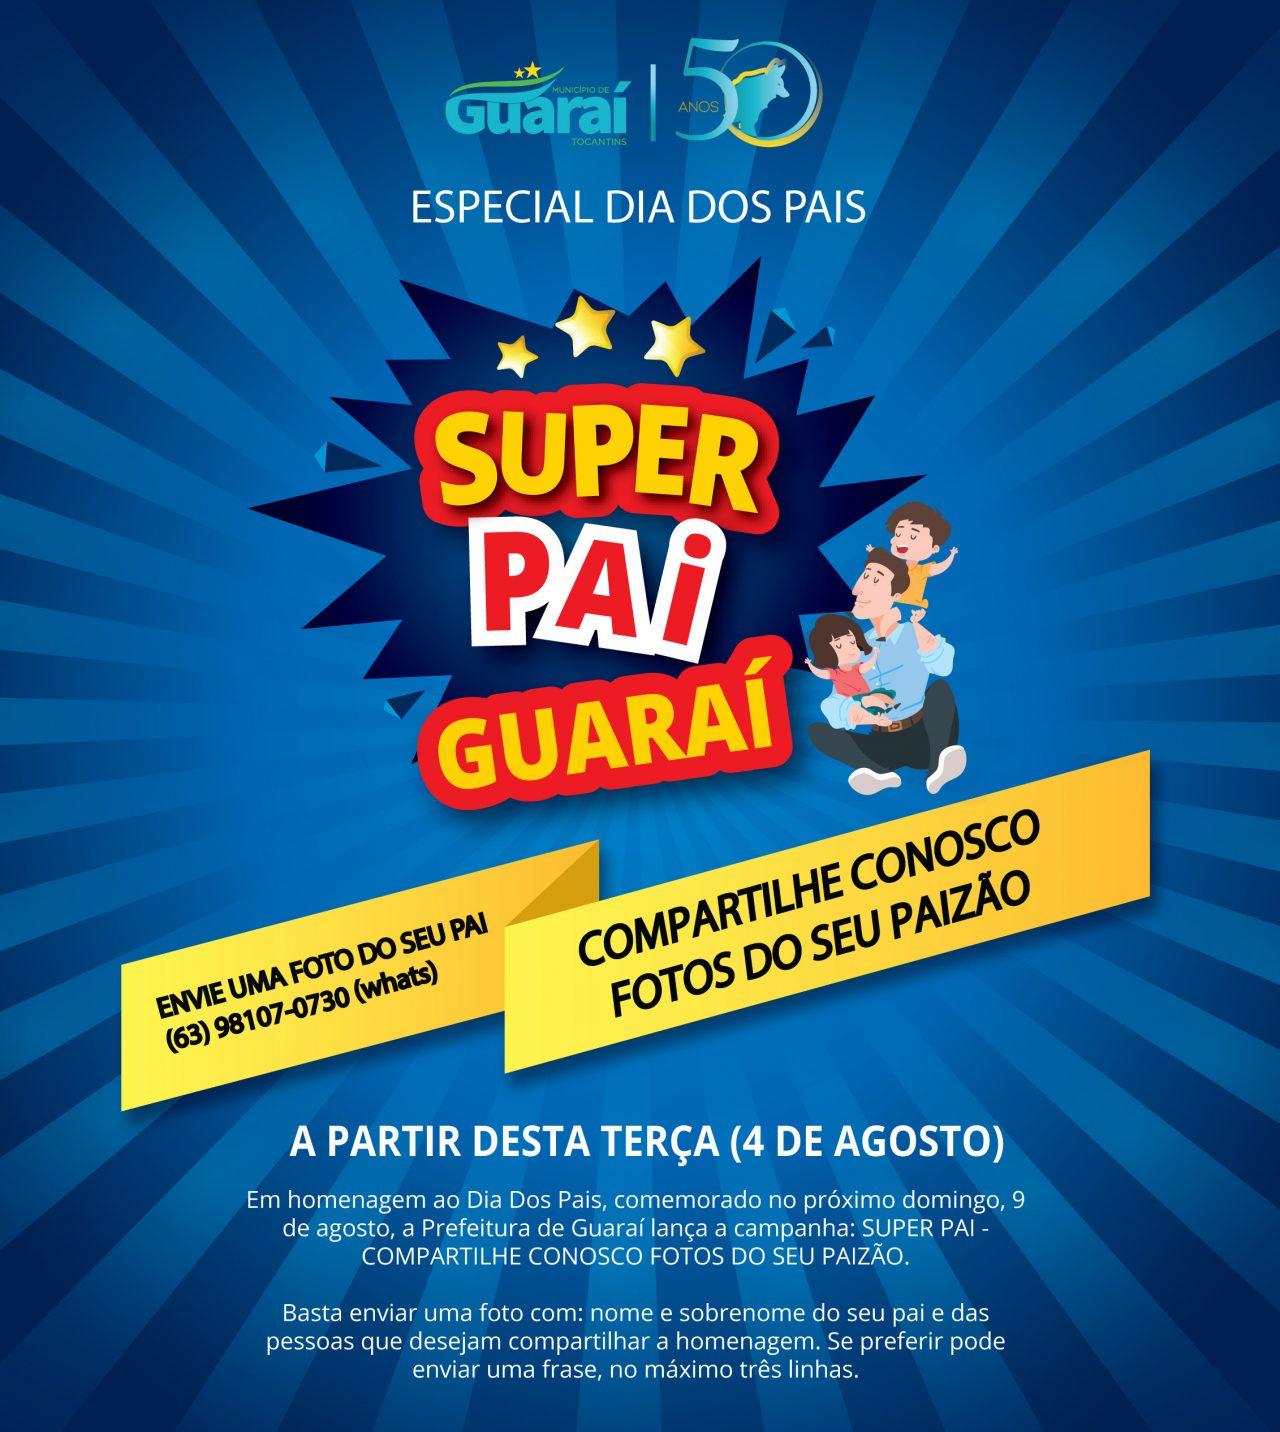 Dia dos Pais Instagram 1280x1432 - Dia dos Pais: promovido pela Prefeitura de Guaraí, campanha ganha interação e homenagens das famílias aos papais guaraienses